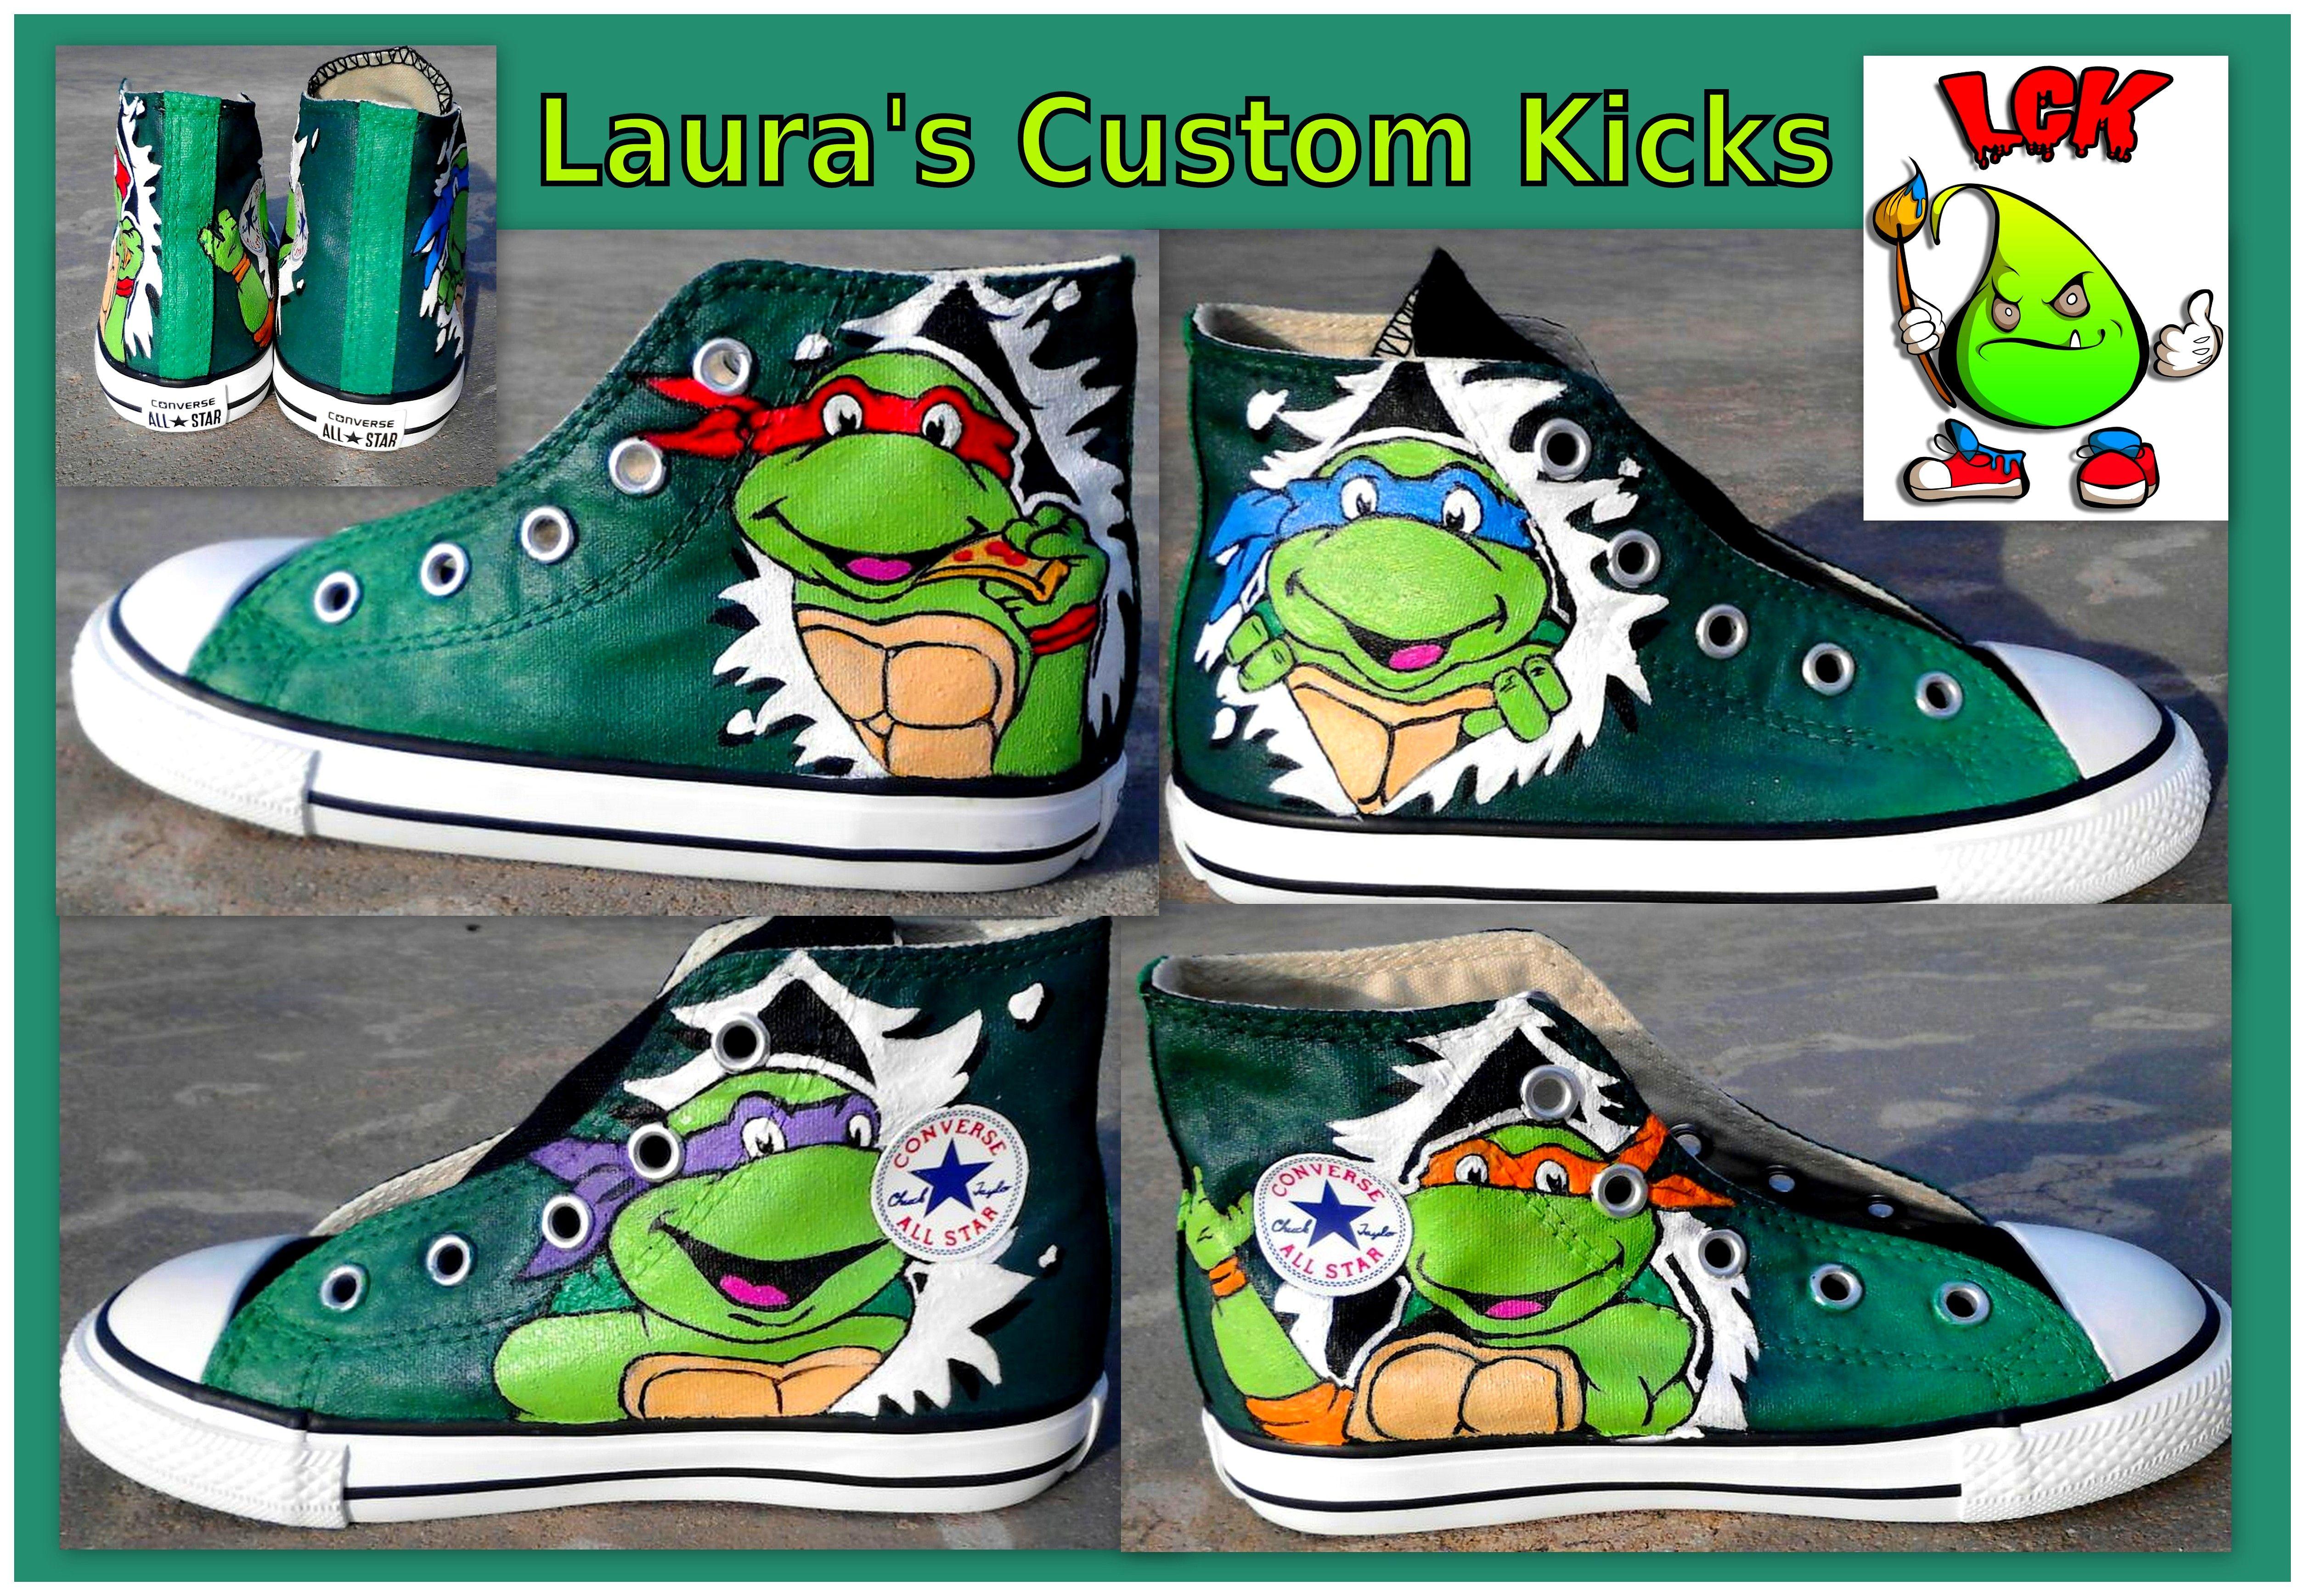 a24115c7215a Custom Teenage Mutant Ninja Turtle TMNT shoes hand painted with Leonardo